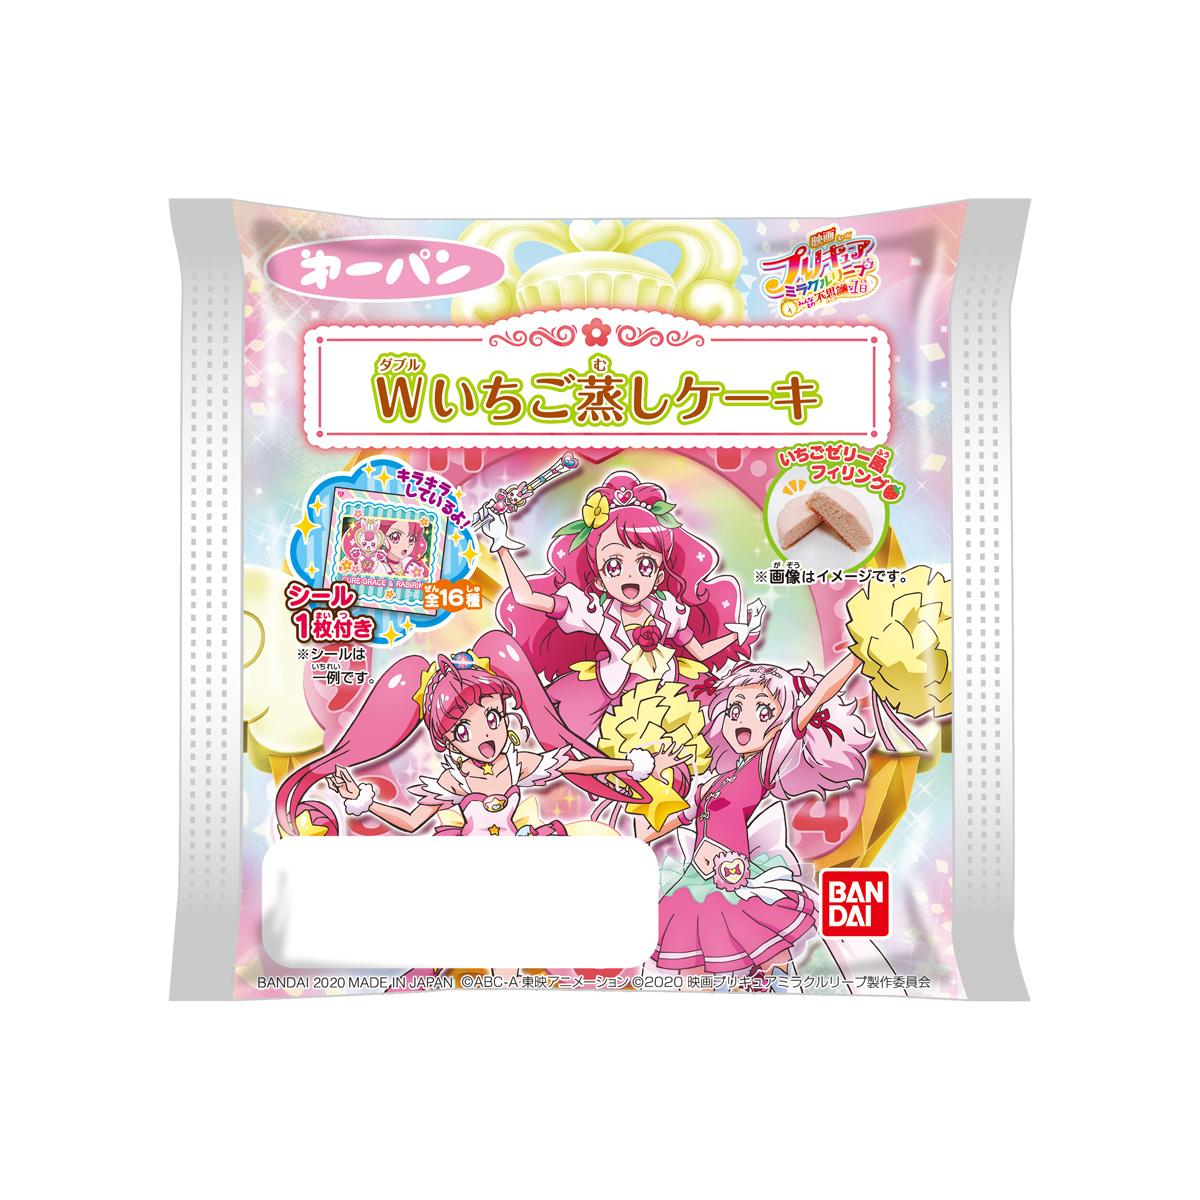 ヒーリングっど プリキュア Wいちご蒸しケーキ_0